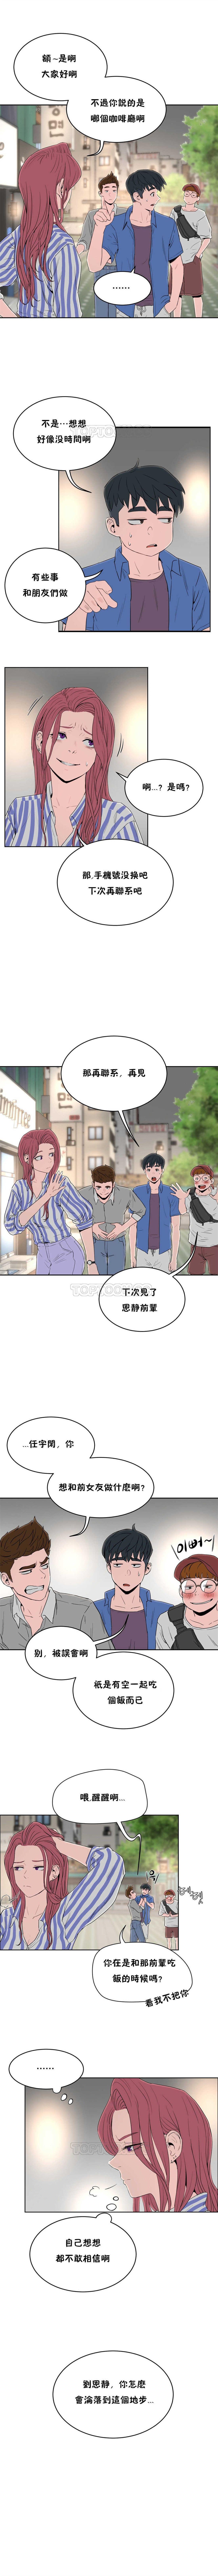 性教育 1-48.5 中文翻译(完結) 84